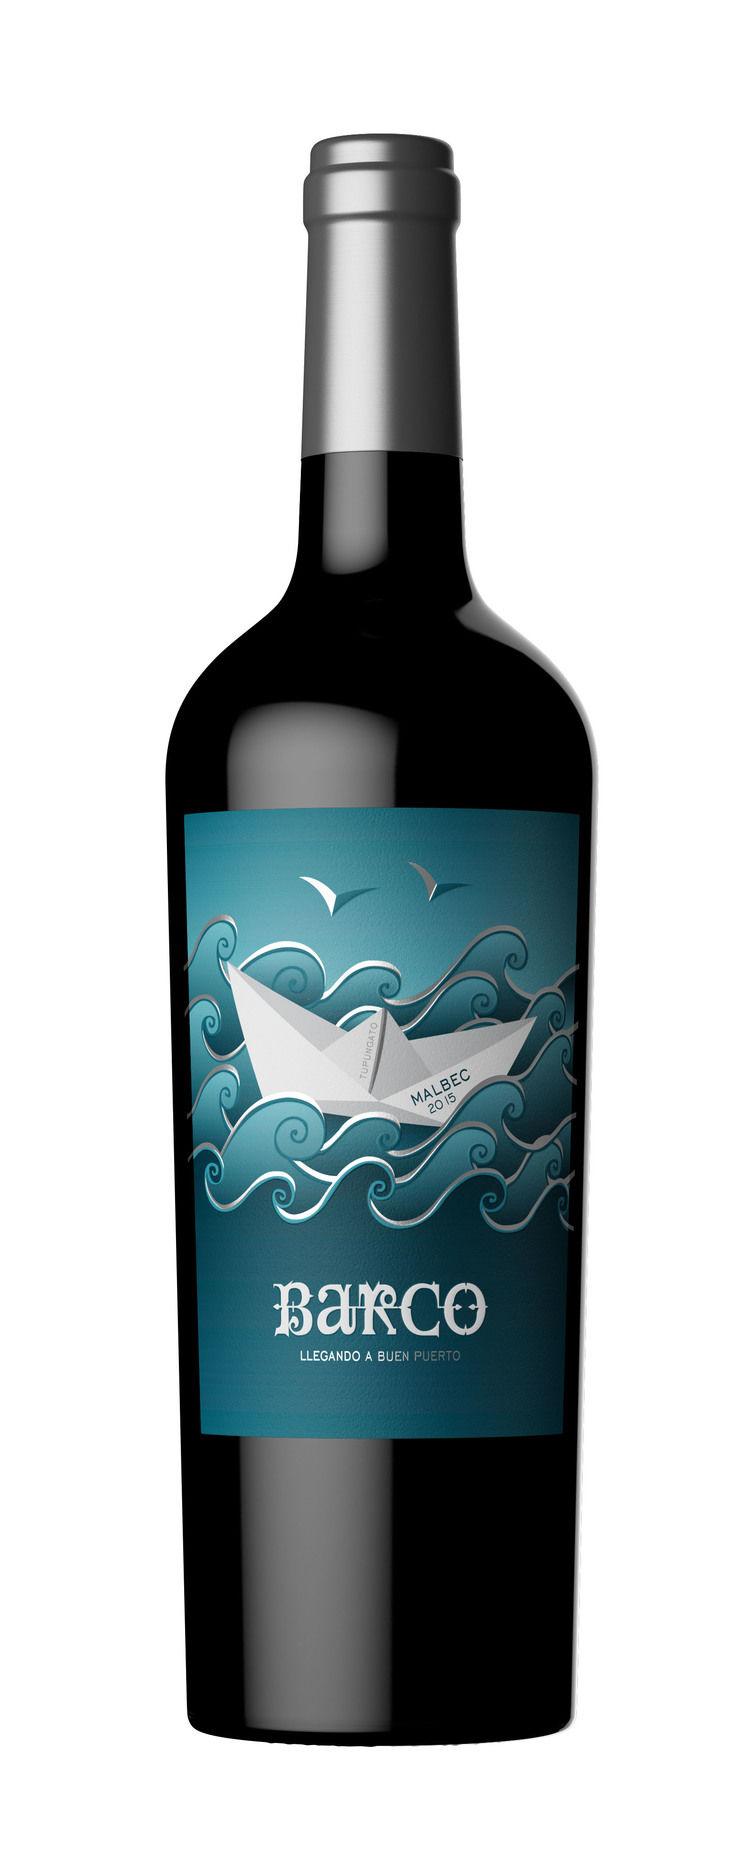 Sailor-Themed Wine Branding